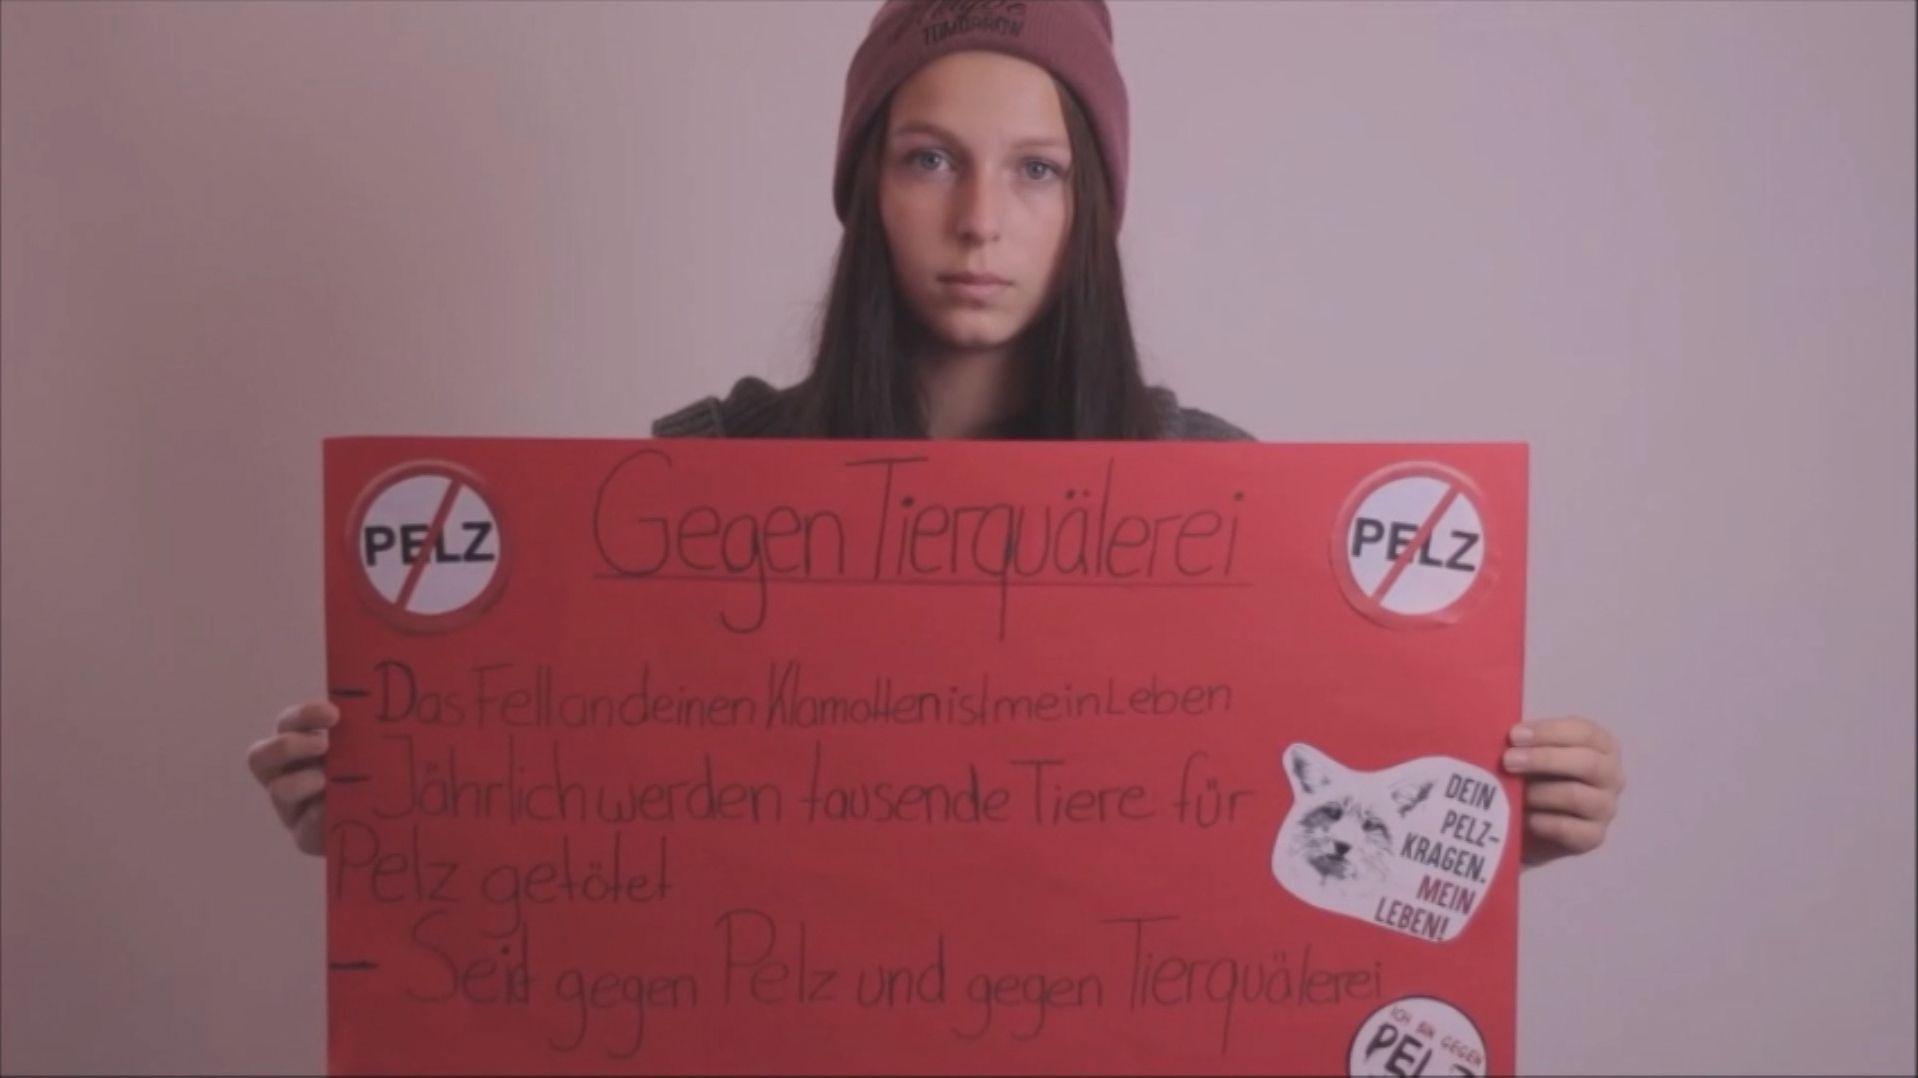 Schülerin mit Plakat gegen Tierquälerei